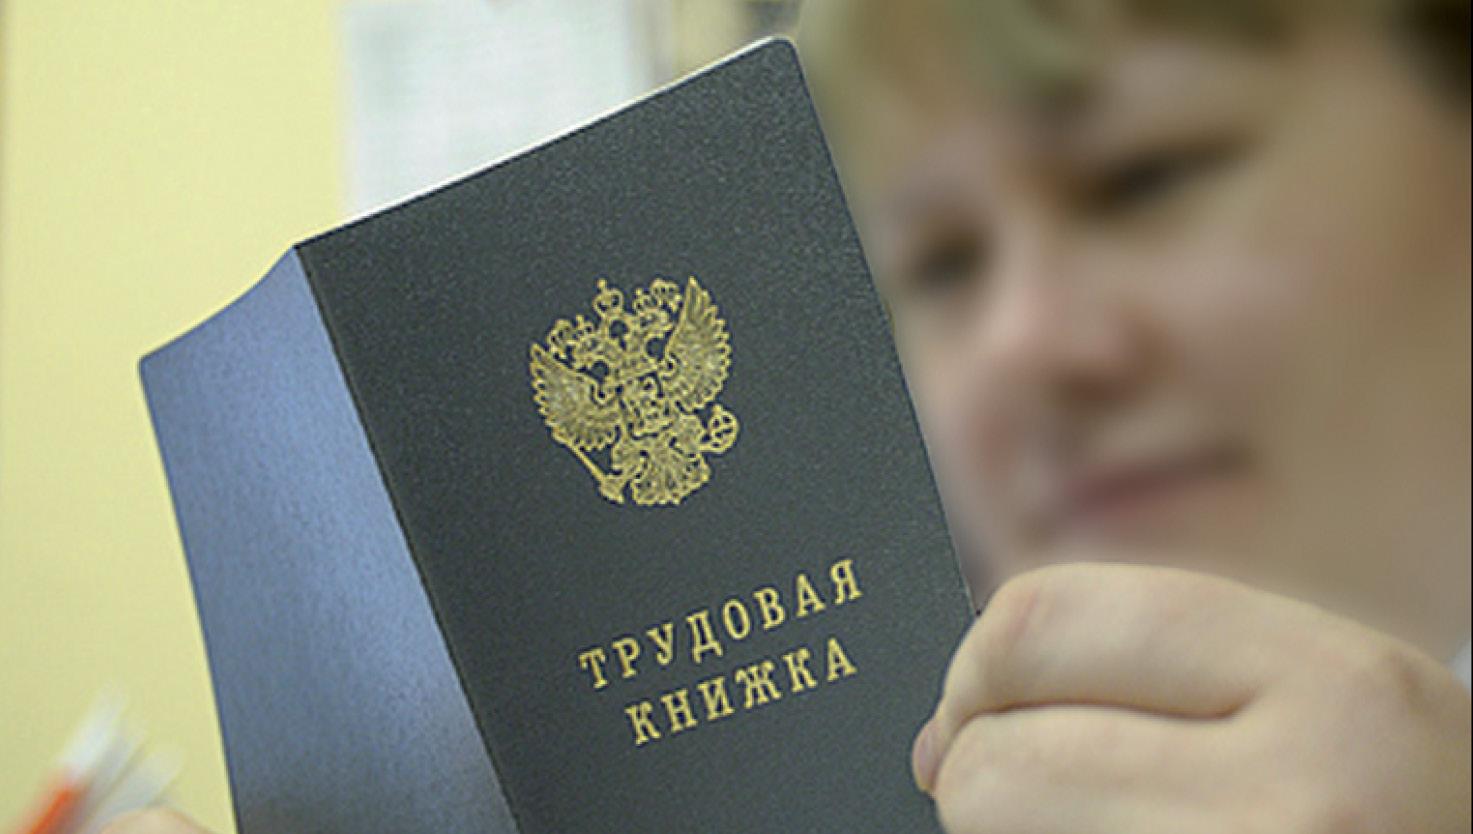 В ПФР оцифровали трудовые книжки россиян